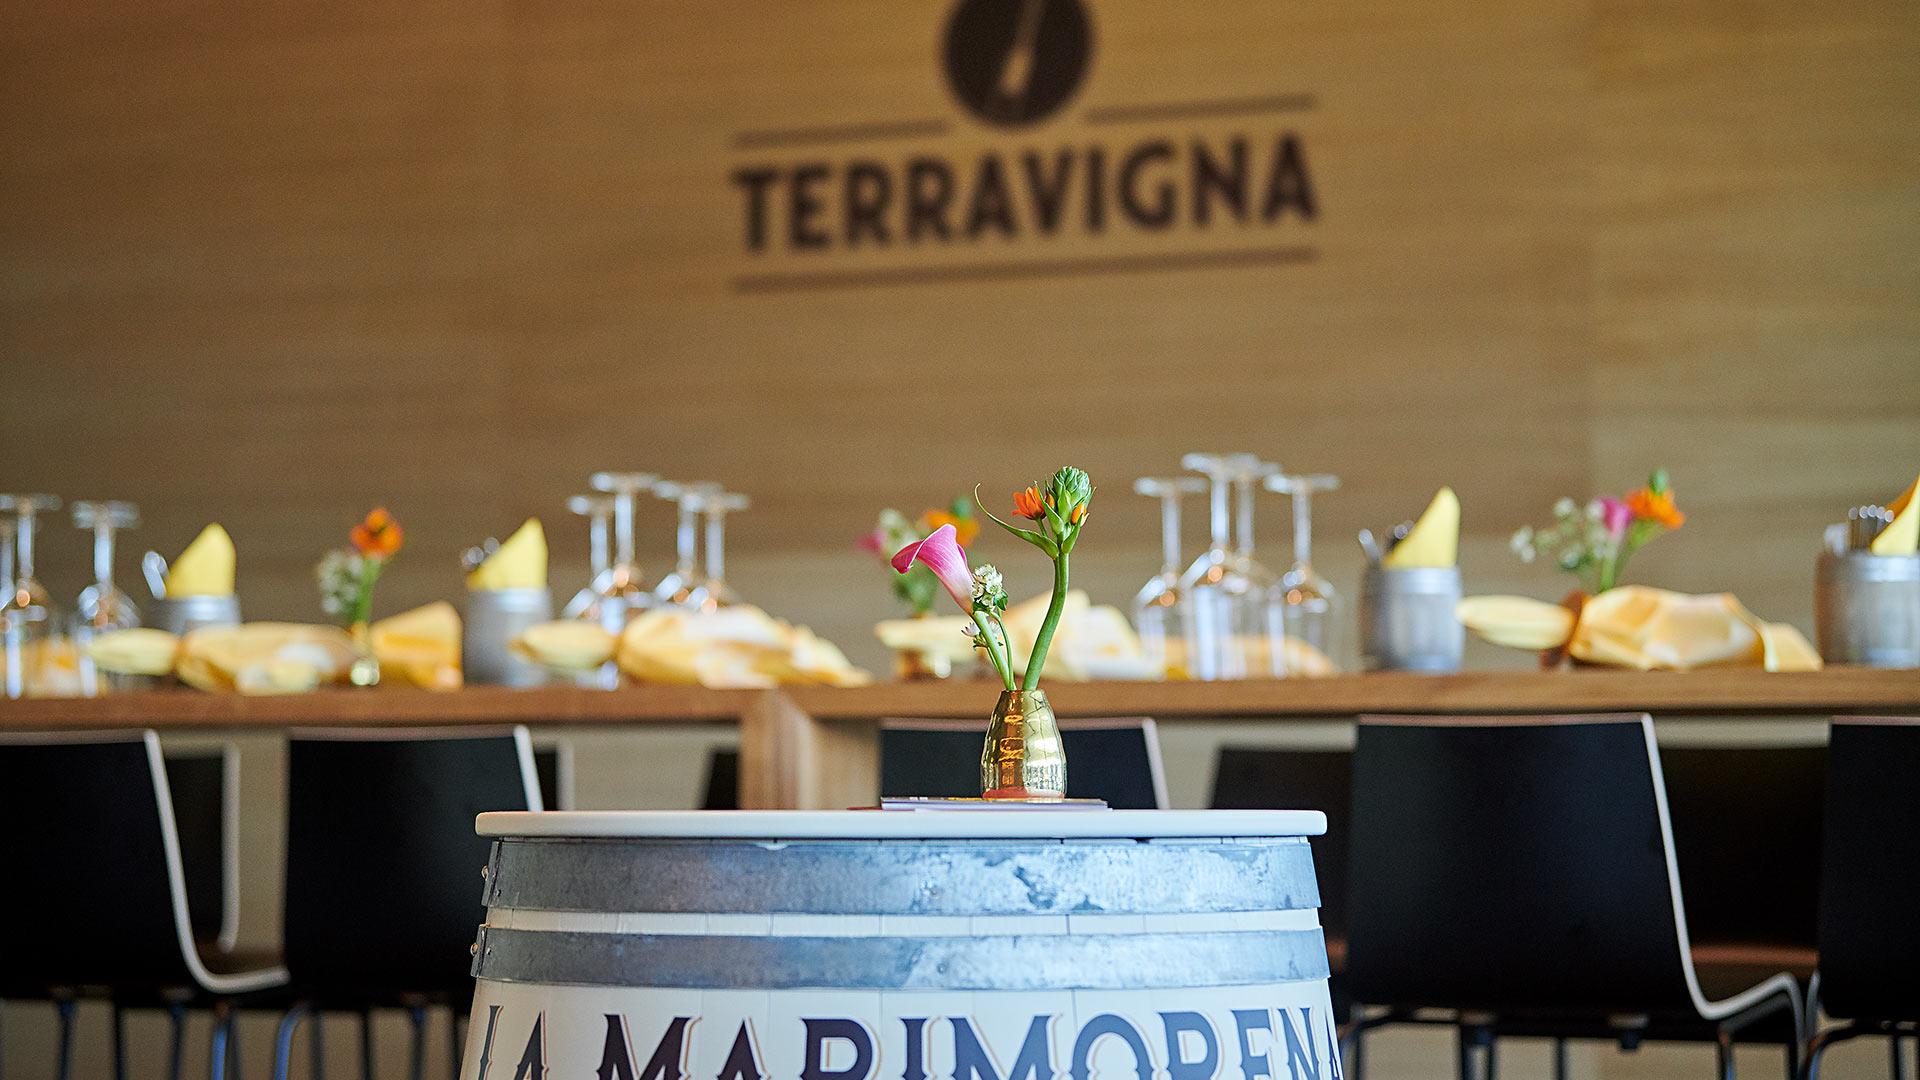 portfolio_terravigna_3